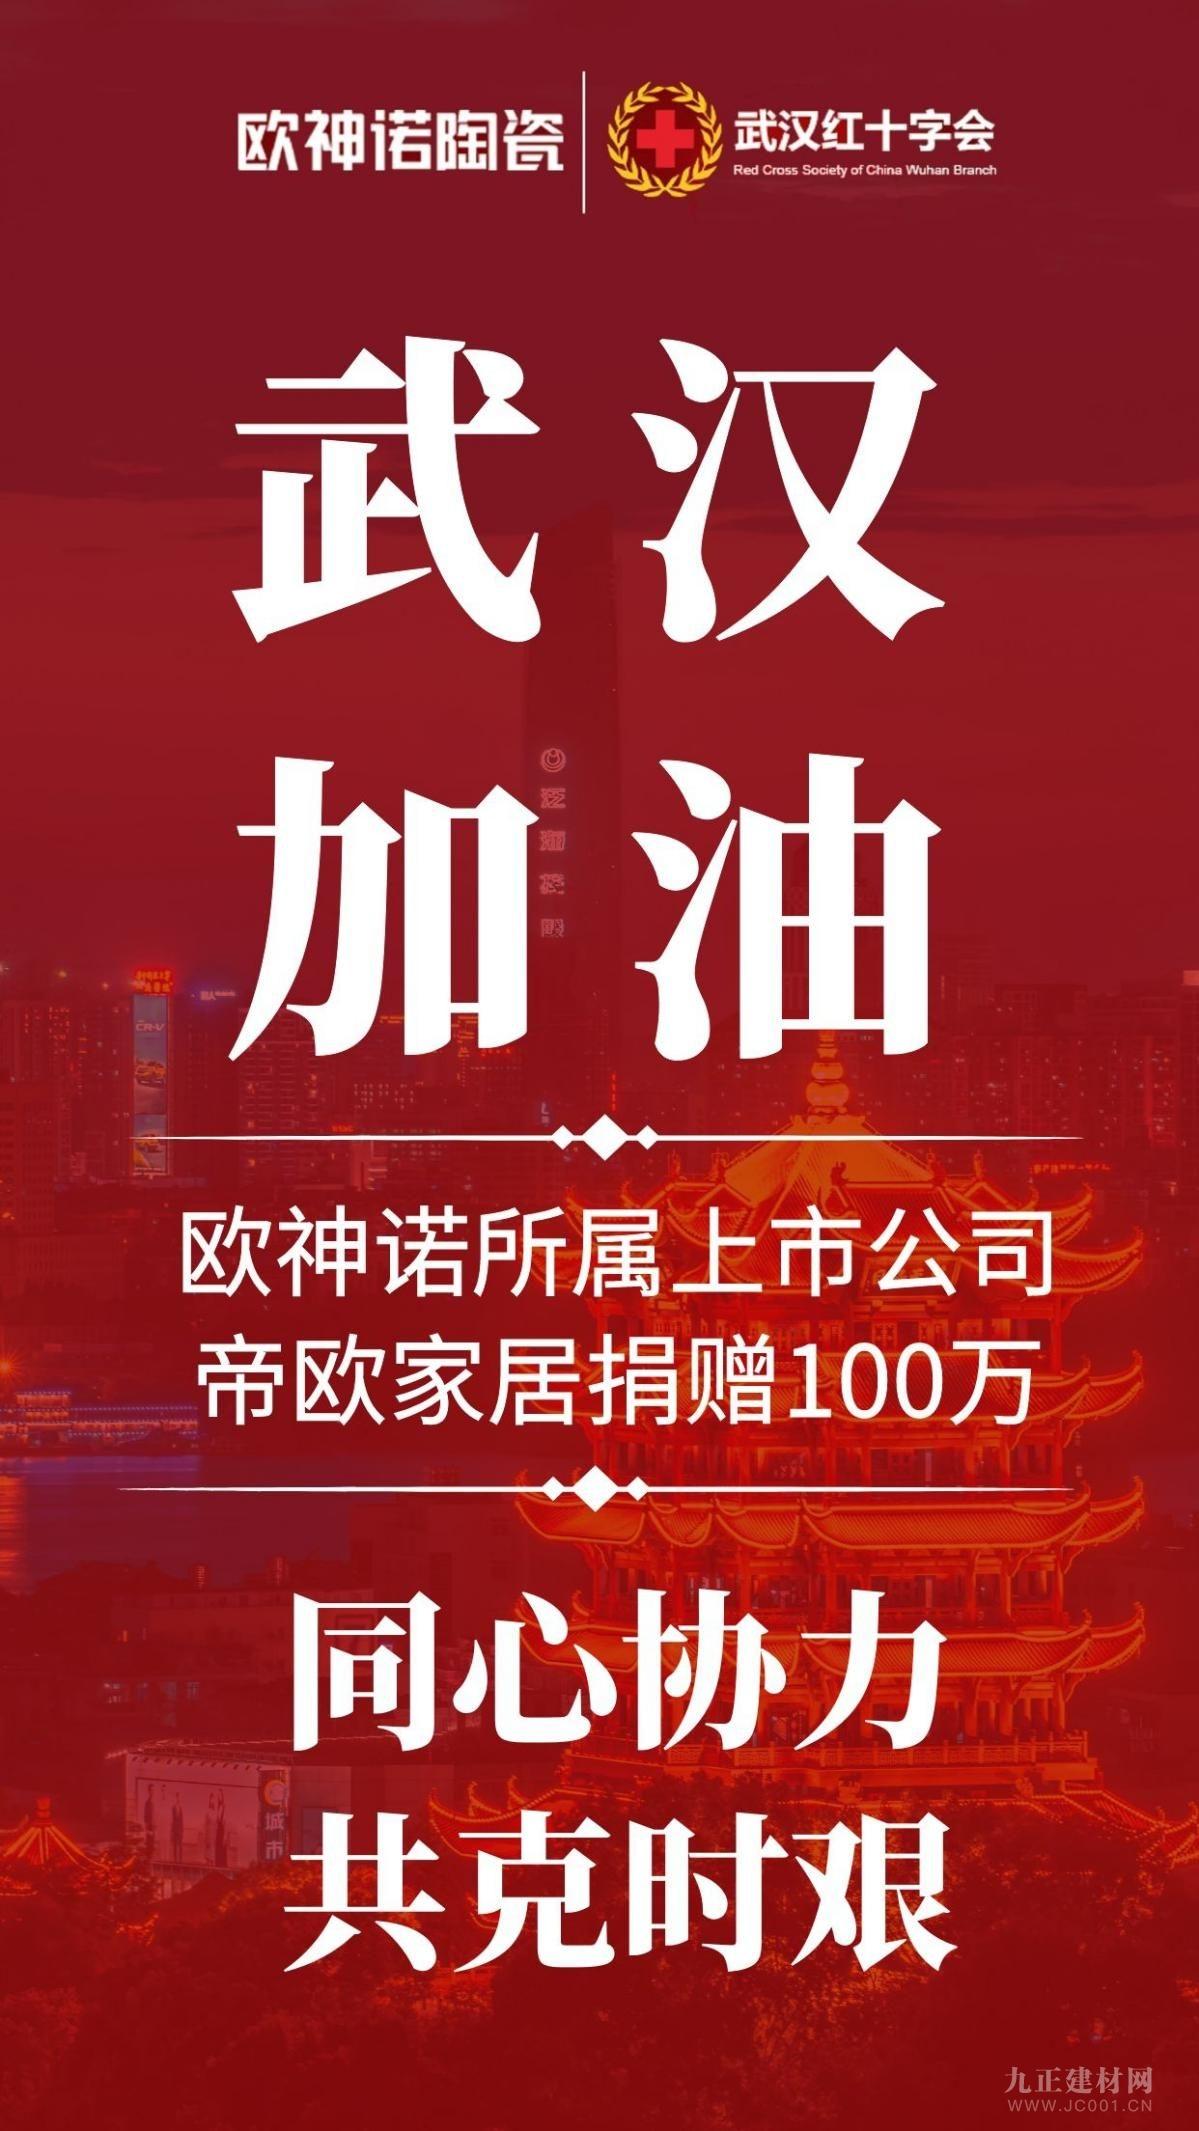 武汉,我们挺你!欧神诺所属上市公司帝欧家居捐赠100万元助力疫情防控